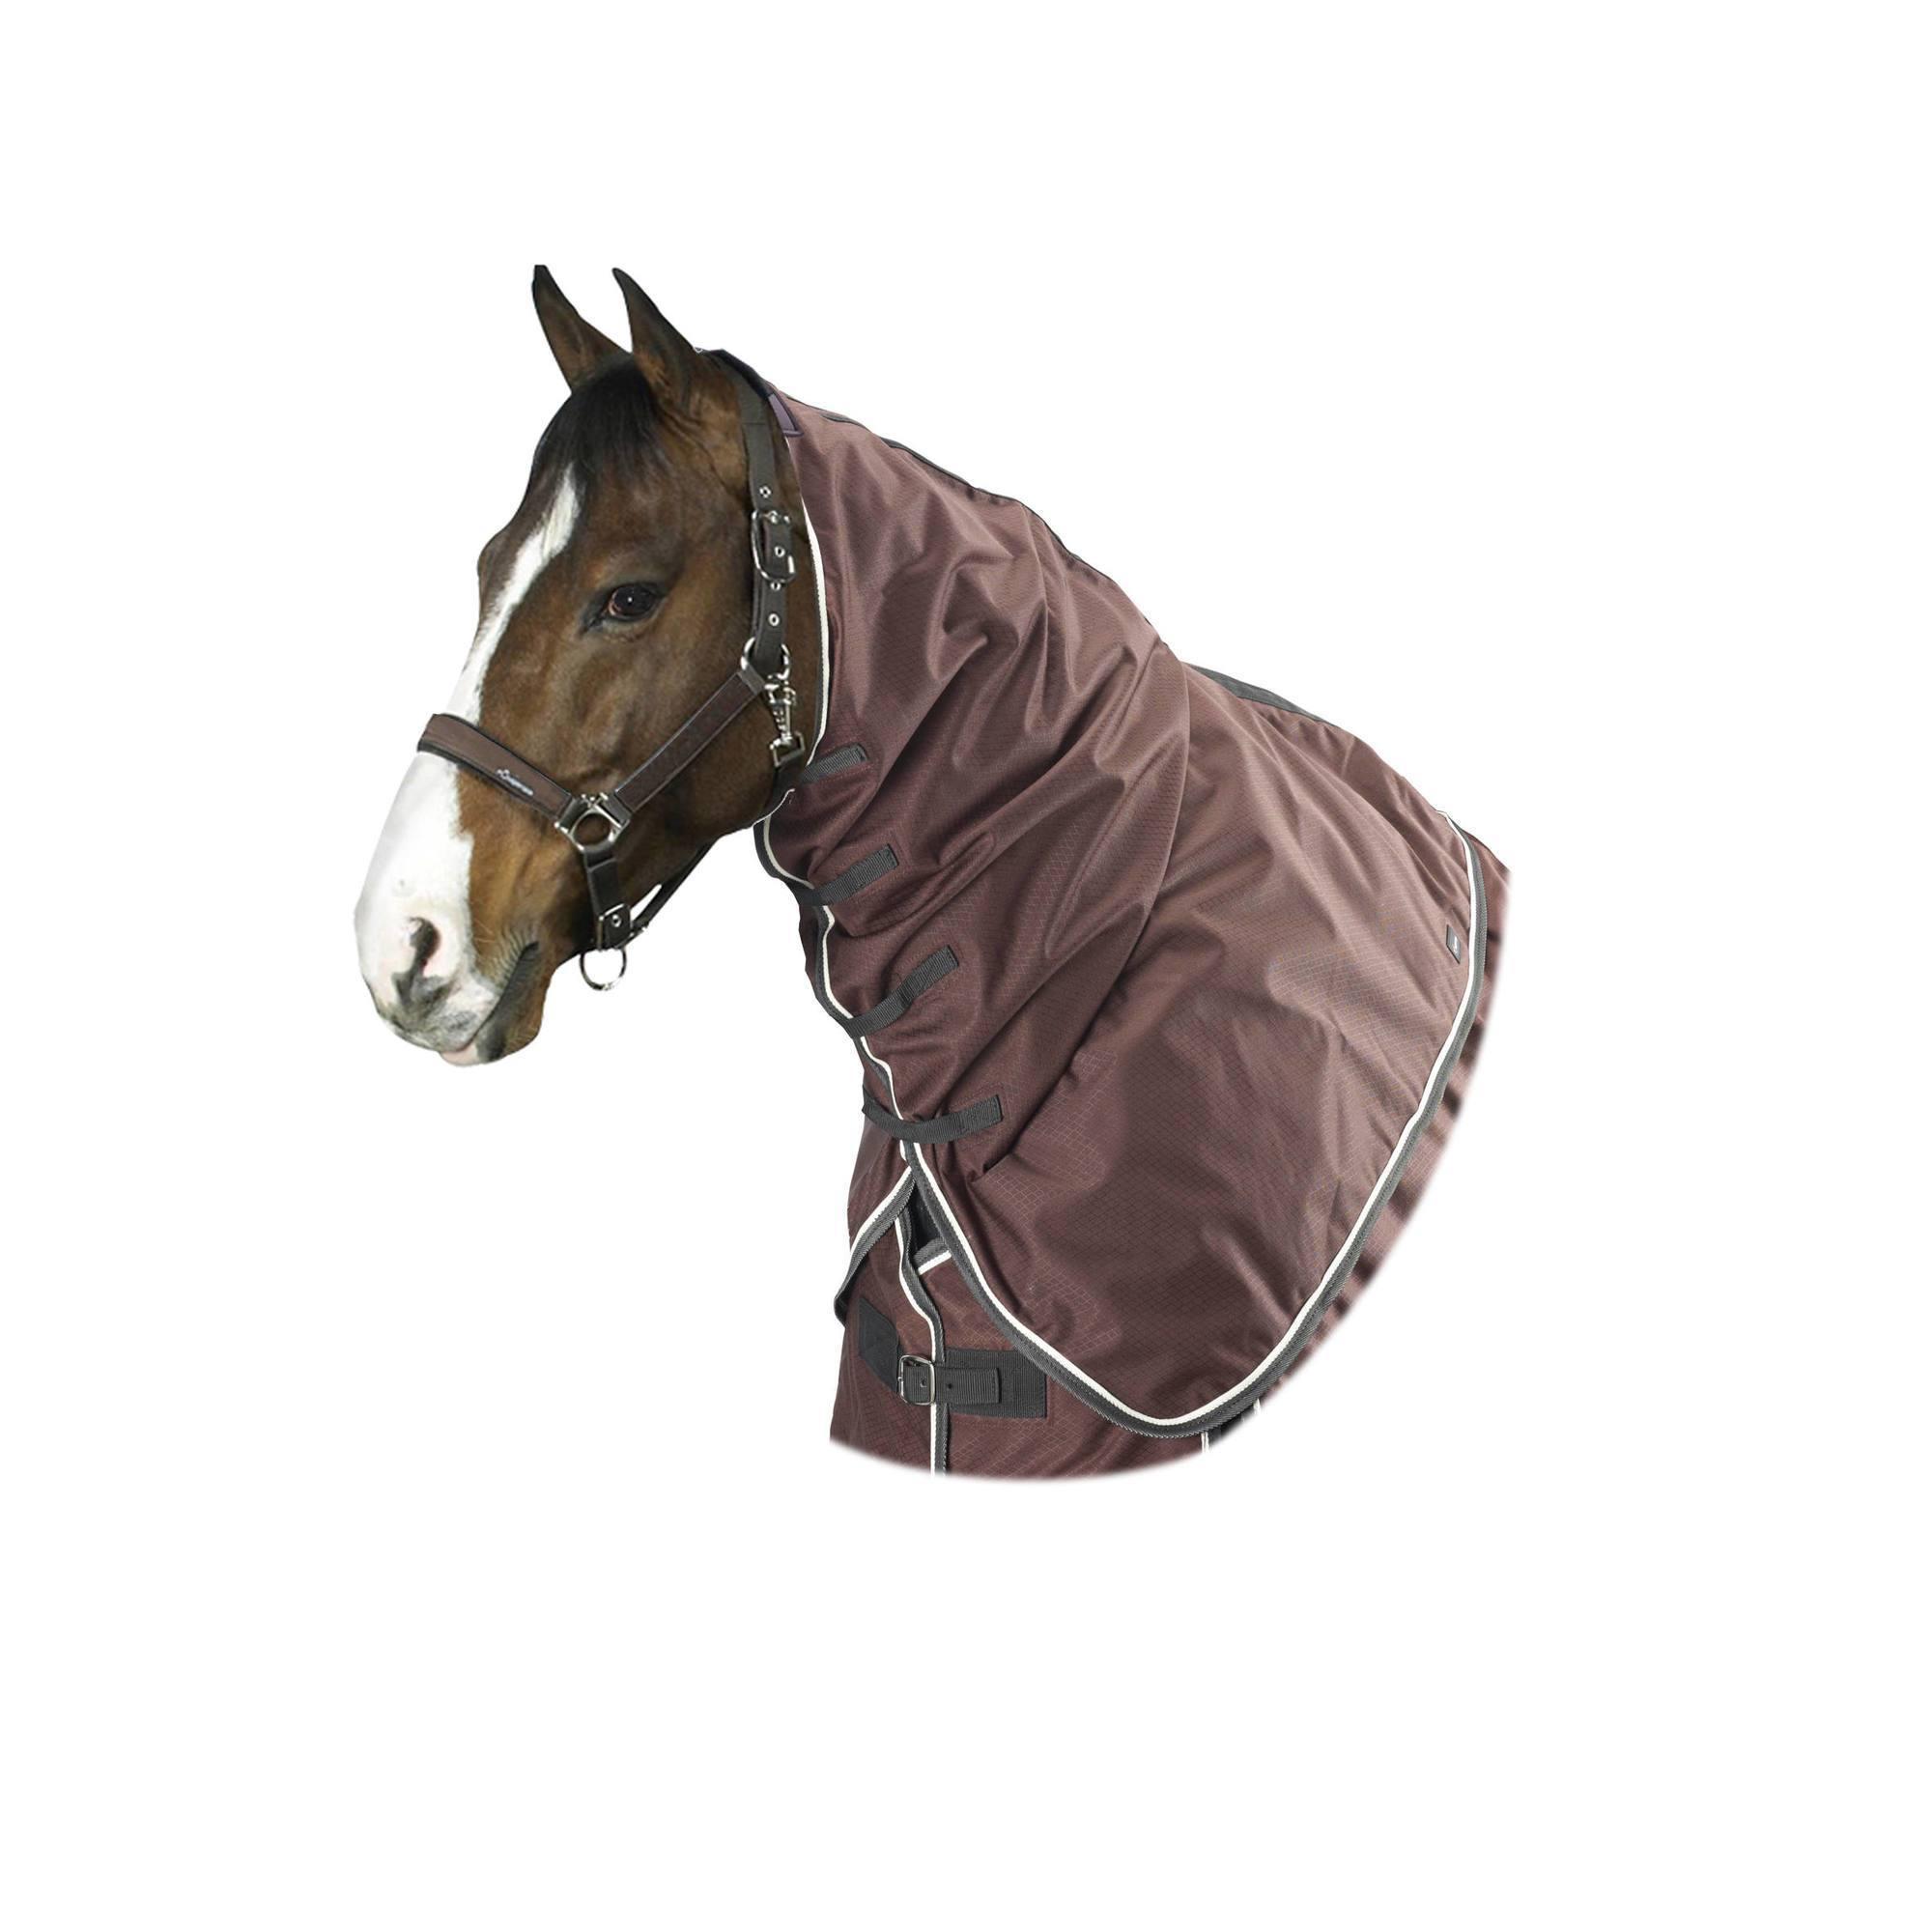 Couvre-cou équitation cheval ALLWEATHER LIGHT marron